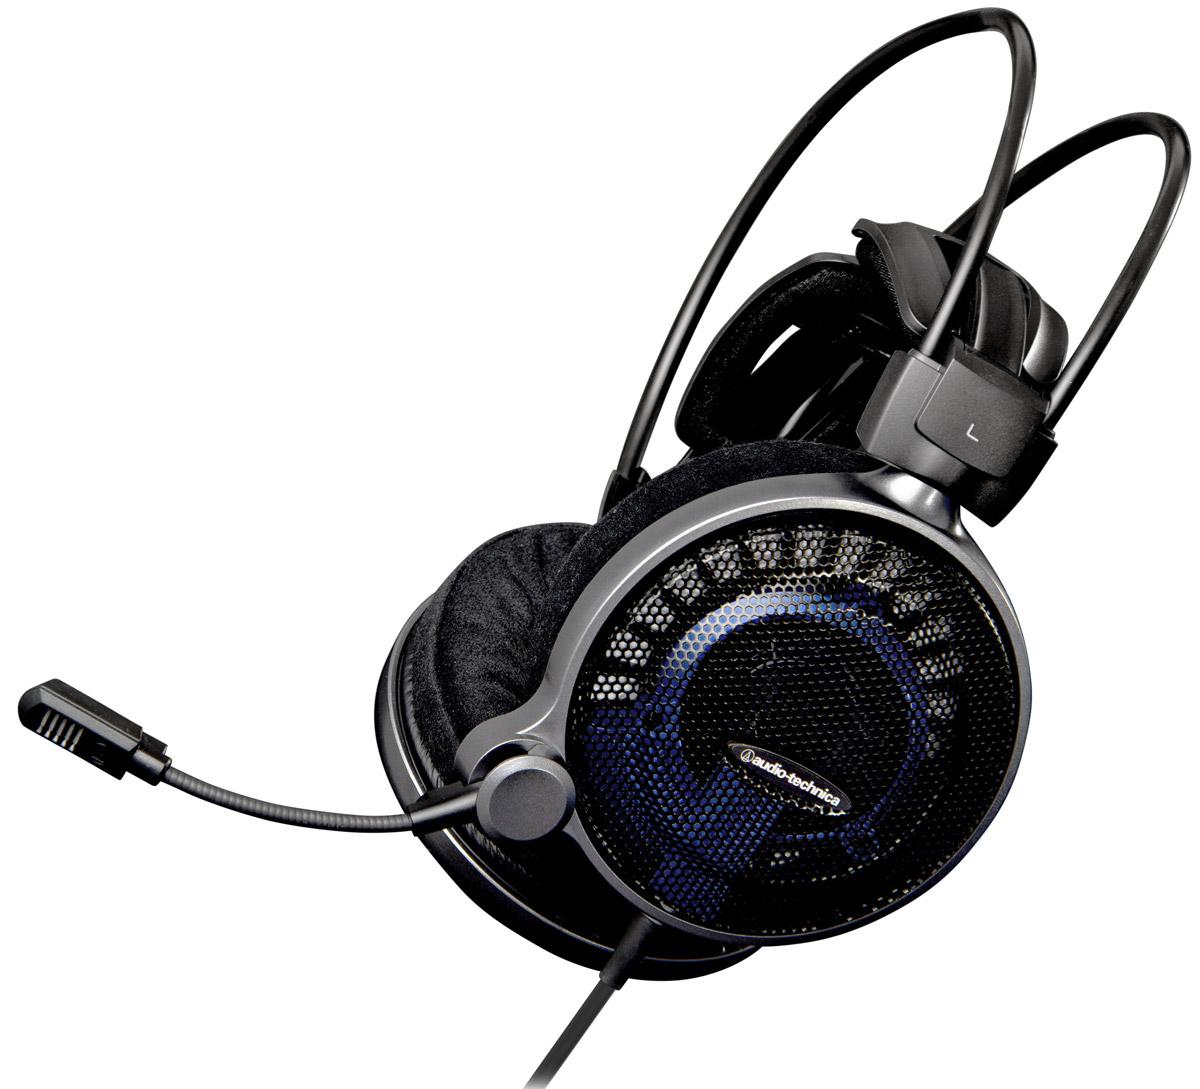 Audio-Technica ATH-ADG1X игровые наушники15118480Применив свой более чем 40-летний опыт разработок в области звуковых технологий, Audio-Technica создала открытую Hi-Fi-гарнитуру АТН-ADG1X, которая предоставляет геймеру звук высокого разрешения максимальной точности. Инновационные драйверы диаметром 53 мм обеспечивают непревзойдённое качество звука, необходимое для полного погружения в виртуальную реальность. Устройство оснащено первоклассным микрофоном для голосовой коммуникации в ходе игры, кабелем длиной 1,2 м и двухметровым удлинителем. Гарнитура АТН-ADG1X совместима с платформами PC, Mac, PS4, iPad/iPhone, а также с Xbox One (при использовании специального адаптера). Большие драйверы диаметром 53 мм обеспечивают премиальное Hi-Fi-звучание Саморегулирующееся 3D-крепление для комфортного ношения в течение длительного времени Микрофон обеспечивает кристально чистый звук в ходе игровых переговоров Мягкие амбушюры наивысшего качества В комплекте 2-метровый удлинитель (2x3,5 мм) и...